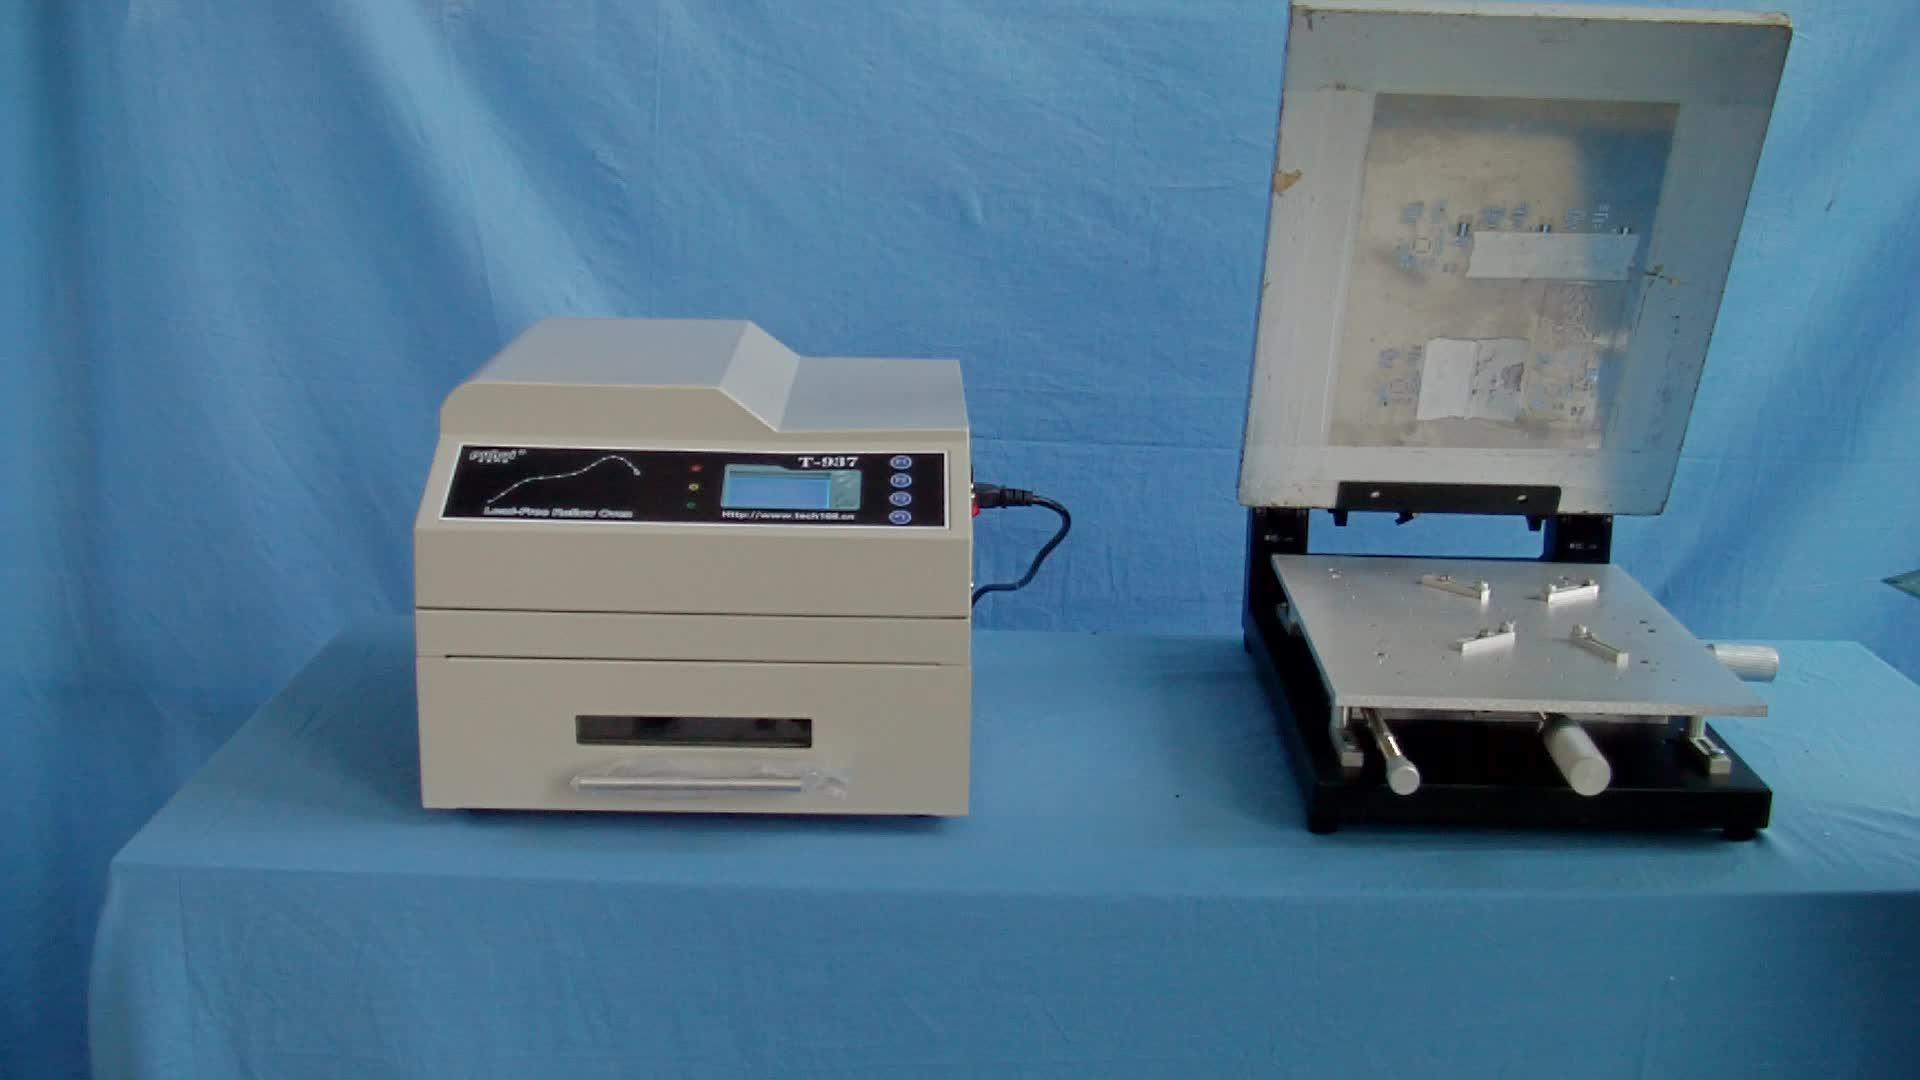 อัตโนมัติ stencil เครื่องพิมพ์ High Precision คู่มือ SOLDER PASTE เครื่องพิมพ์,เตาอบ reflow,SMT เครื่อง Pick and Place